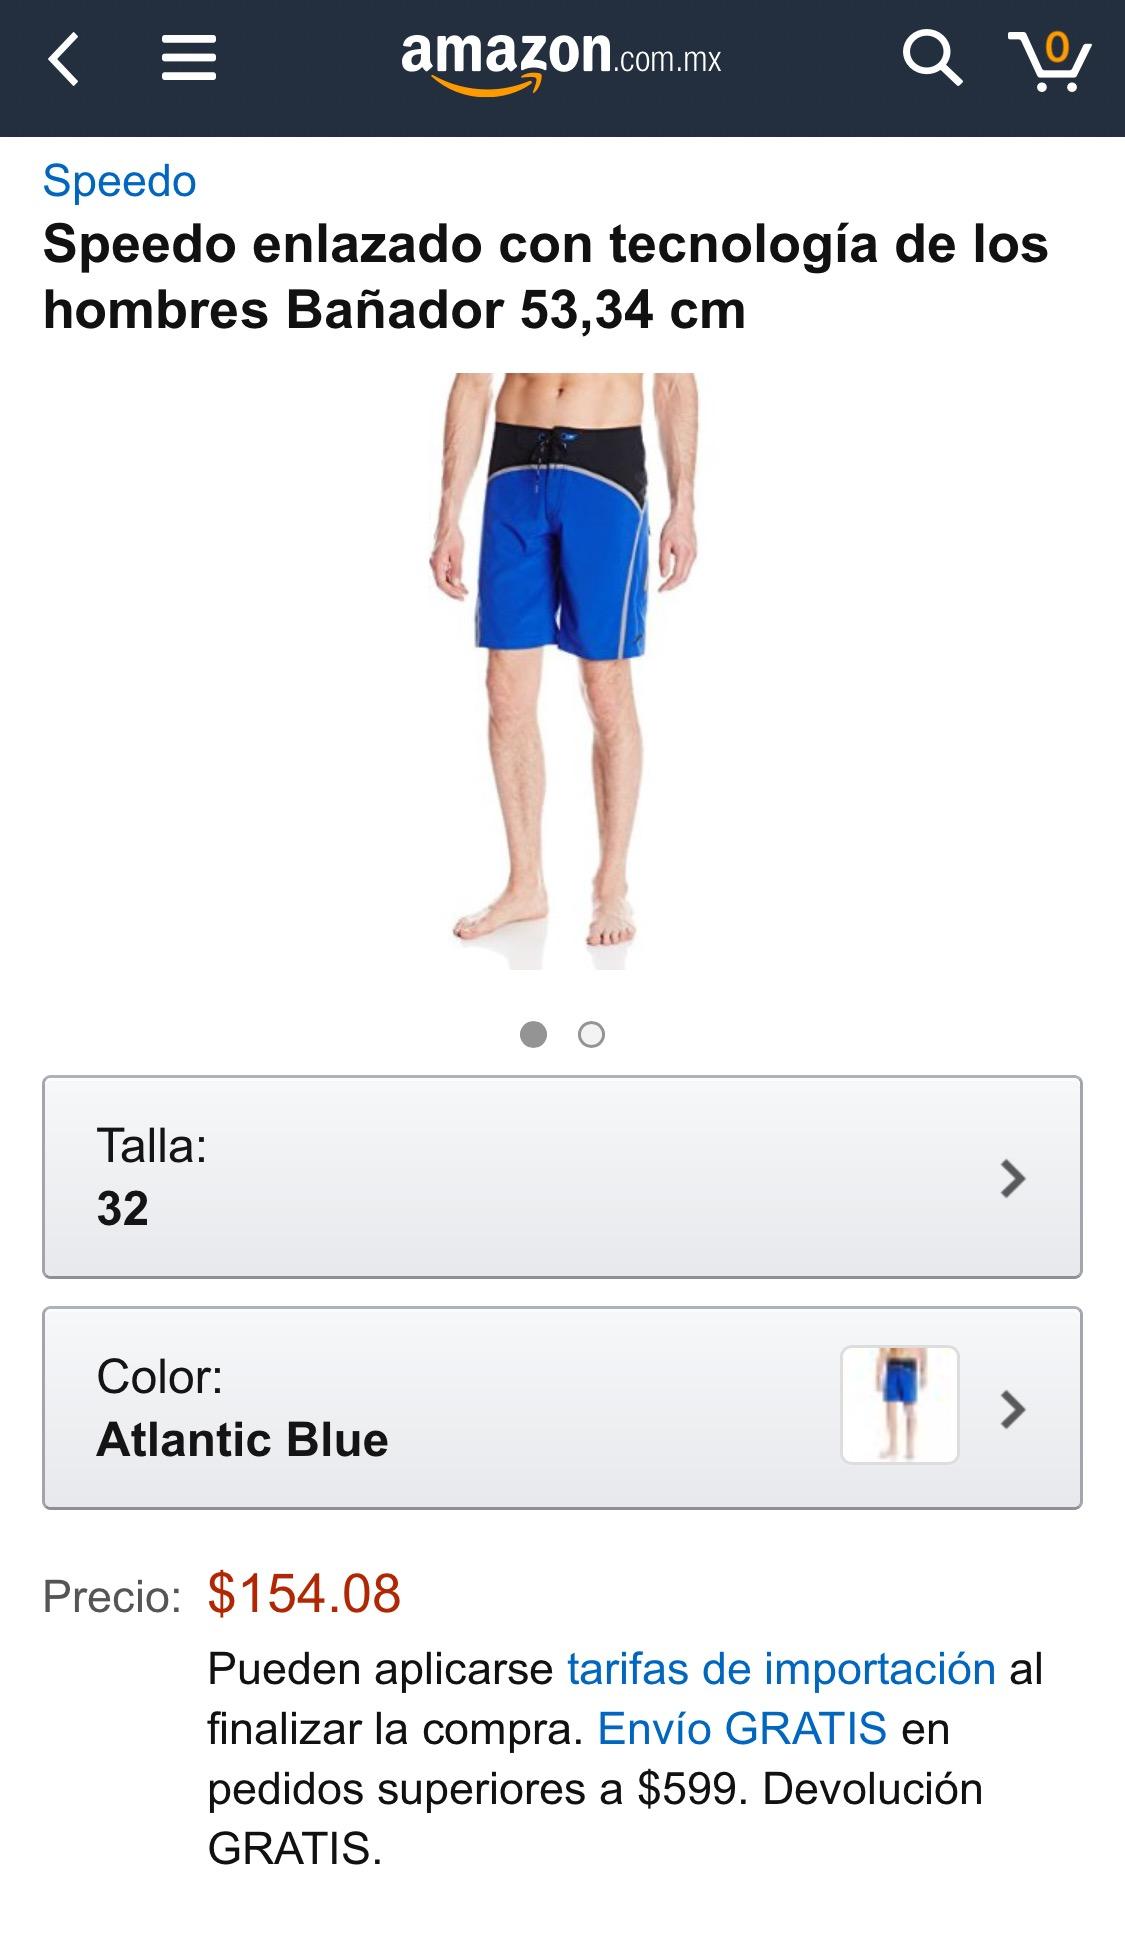 Amazon MX: Bañador hombre marca Speedo a $154 (solo talla 32)